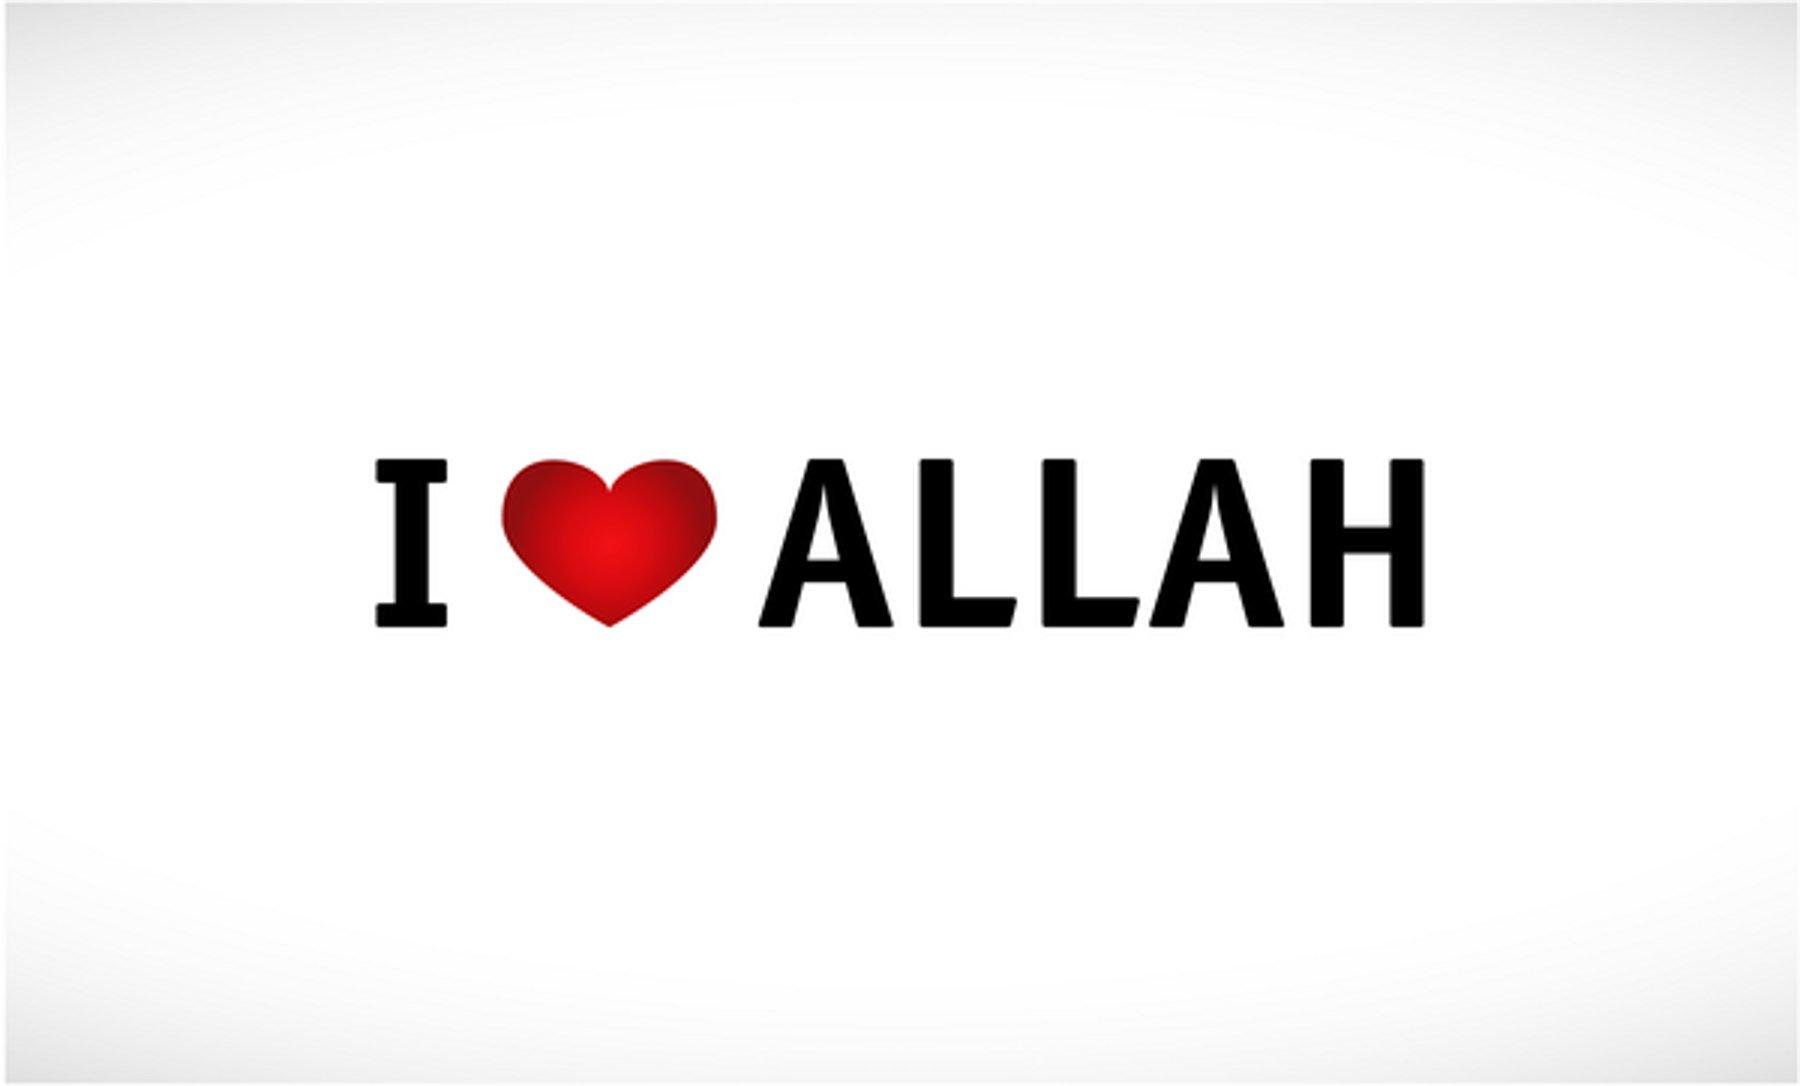 Muslim Wallpaper Hd صور اسم الله مكتوب علي صور لفظ الجلالة مكتوب سوبر كايرو